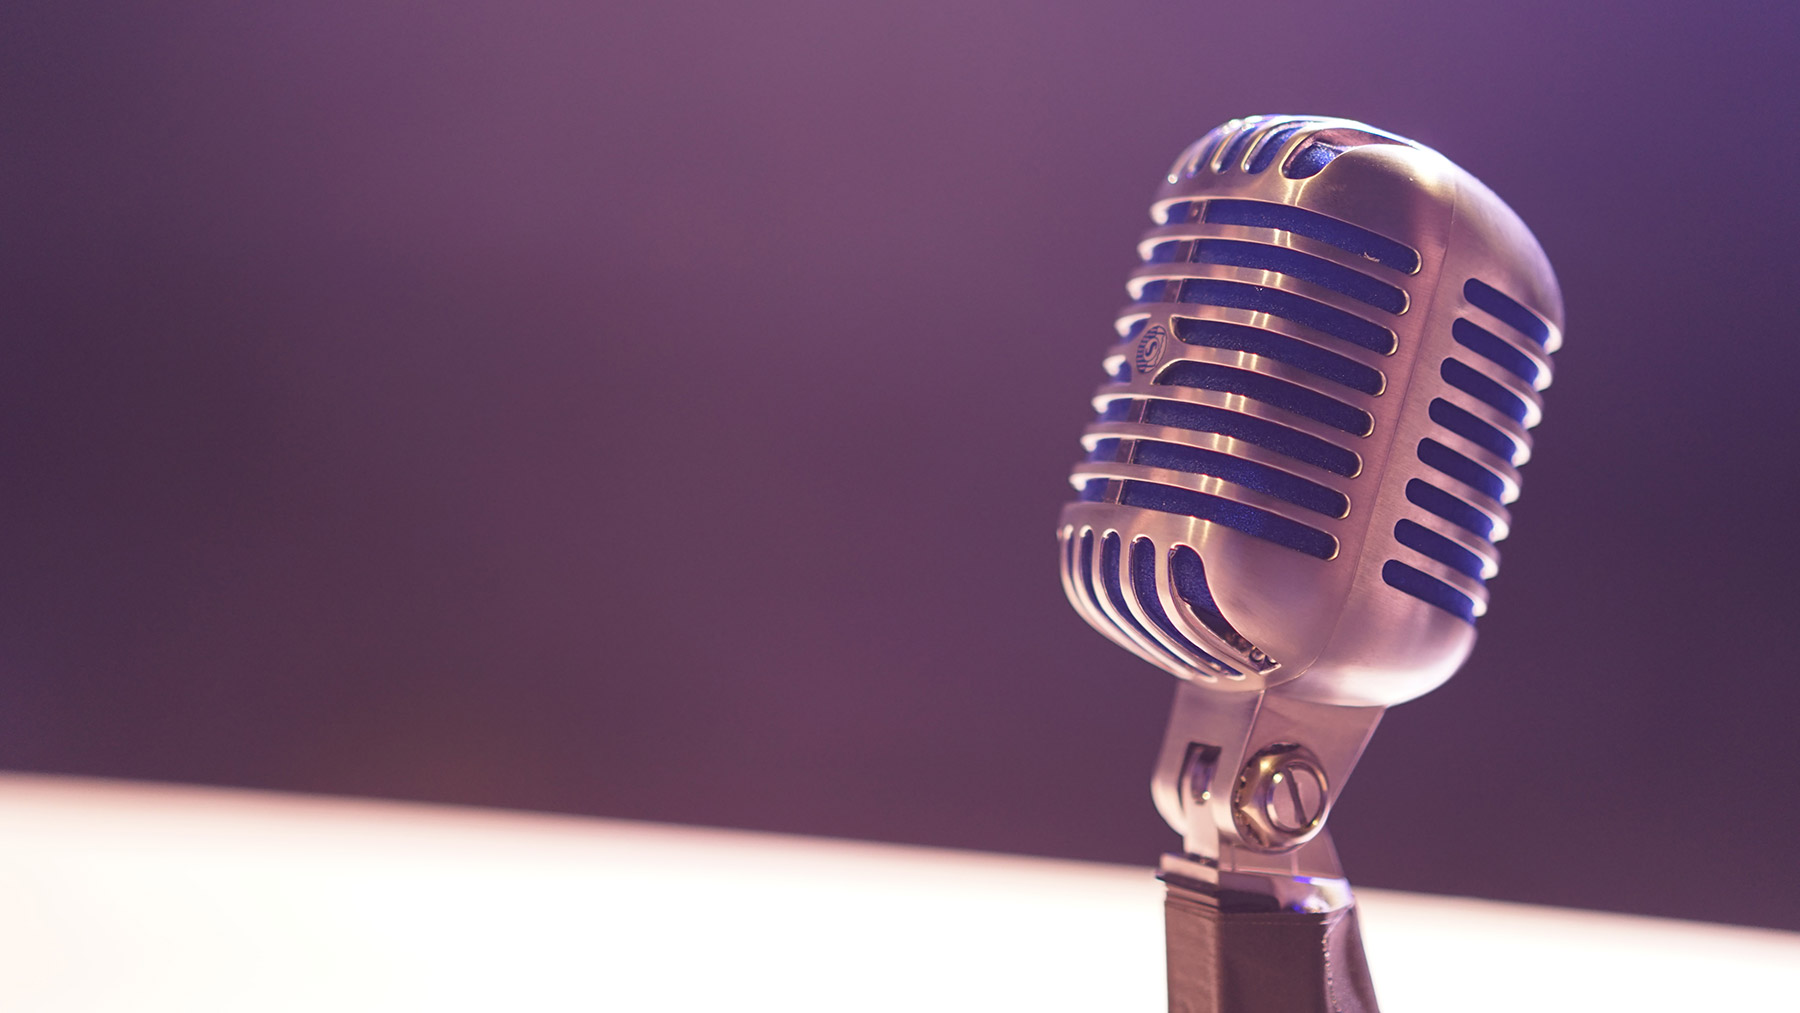 Geschichten zum Hören – Porta-Audiowerkstatt im FCZB ©Matt Botsford/Unsplash